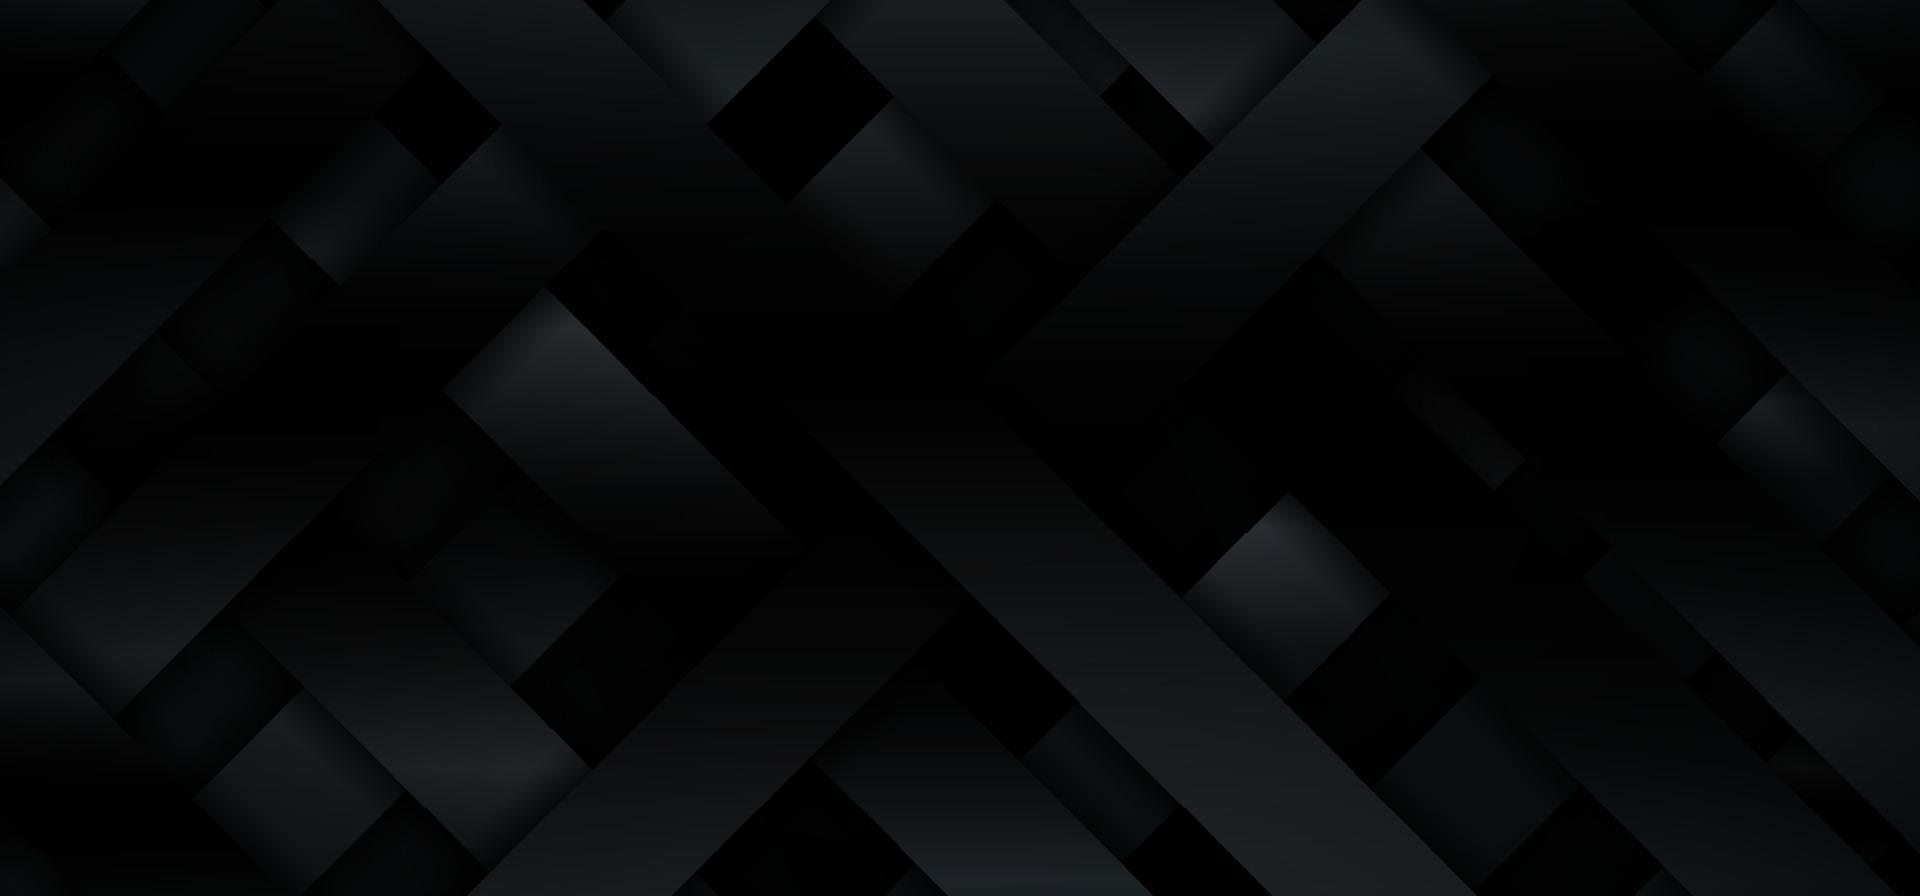 astratto 3d nero sfumato metallico strisce diagonali pattern tessono il fondo e la trama vettore